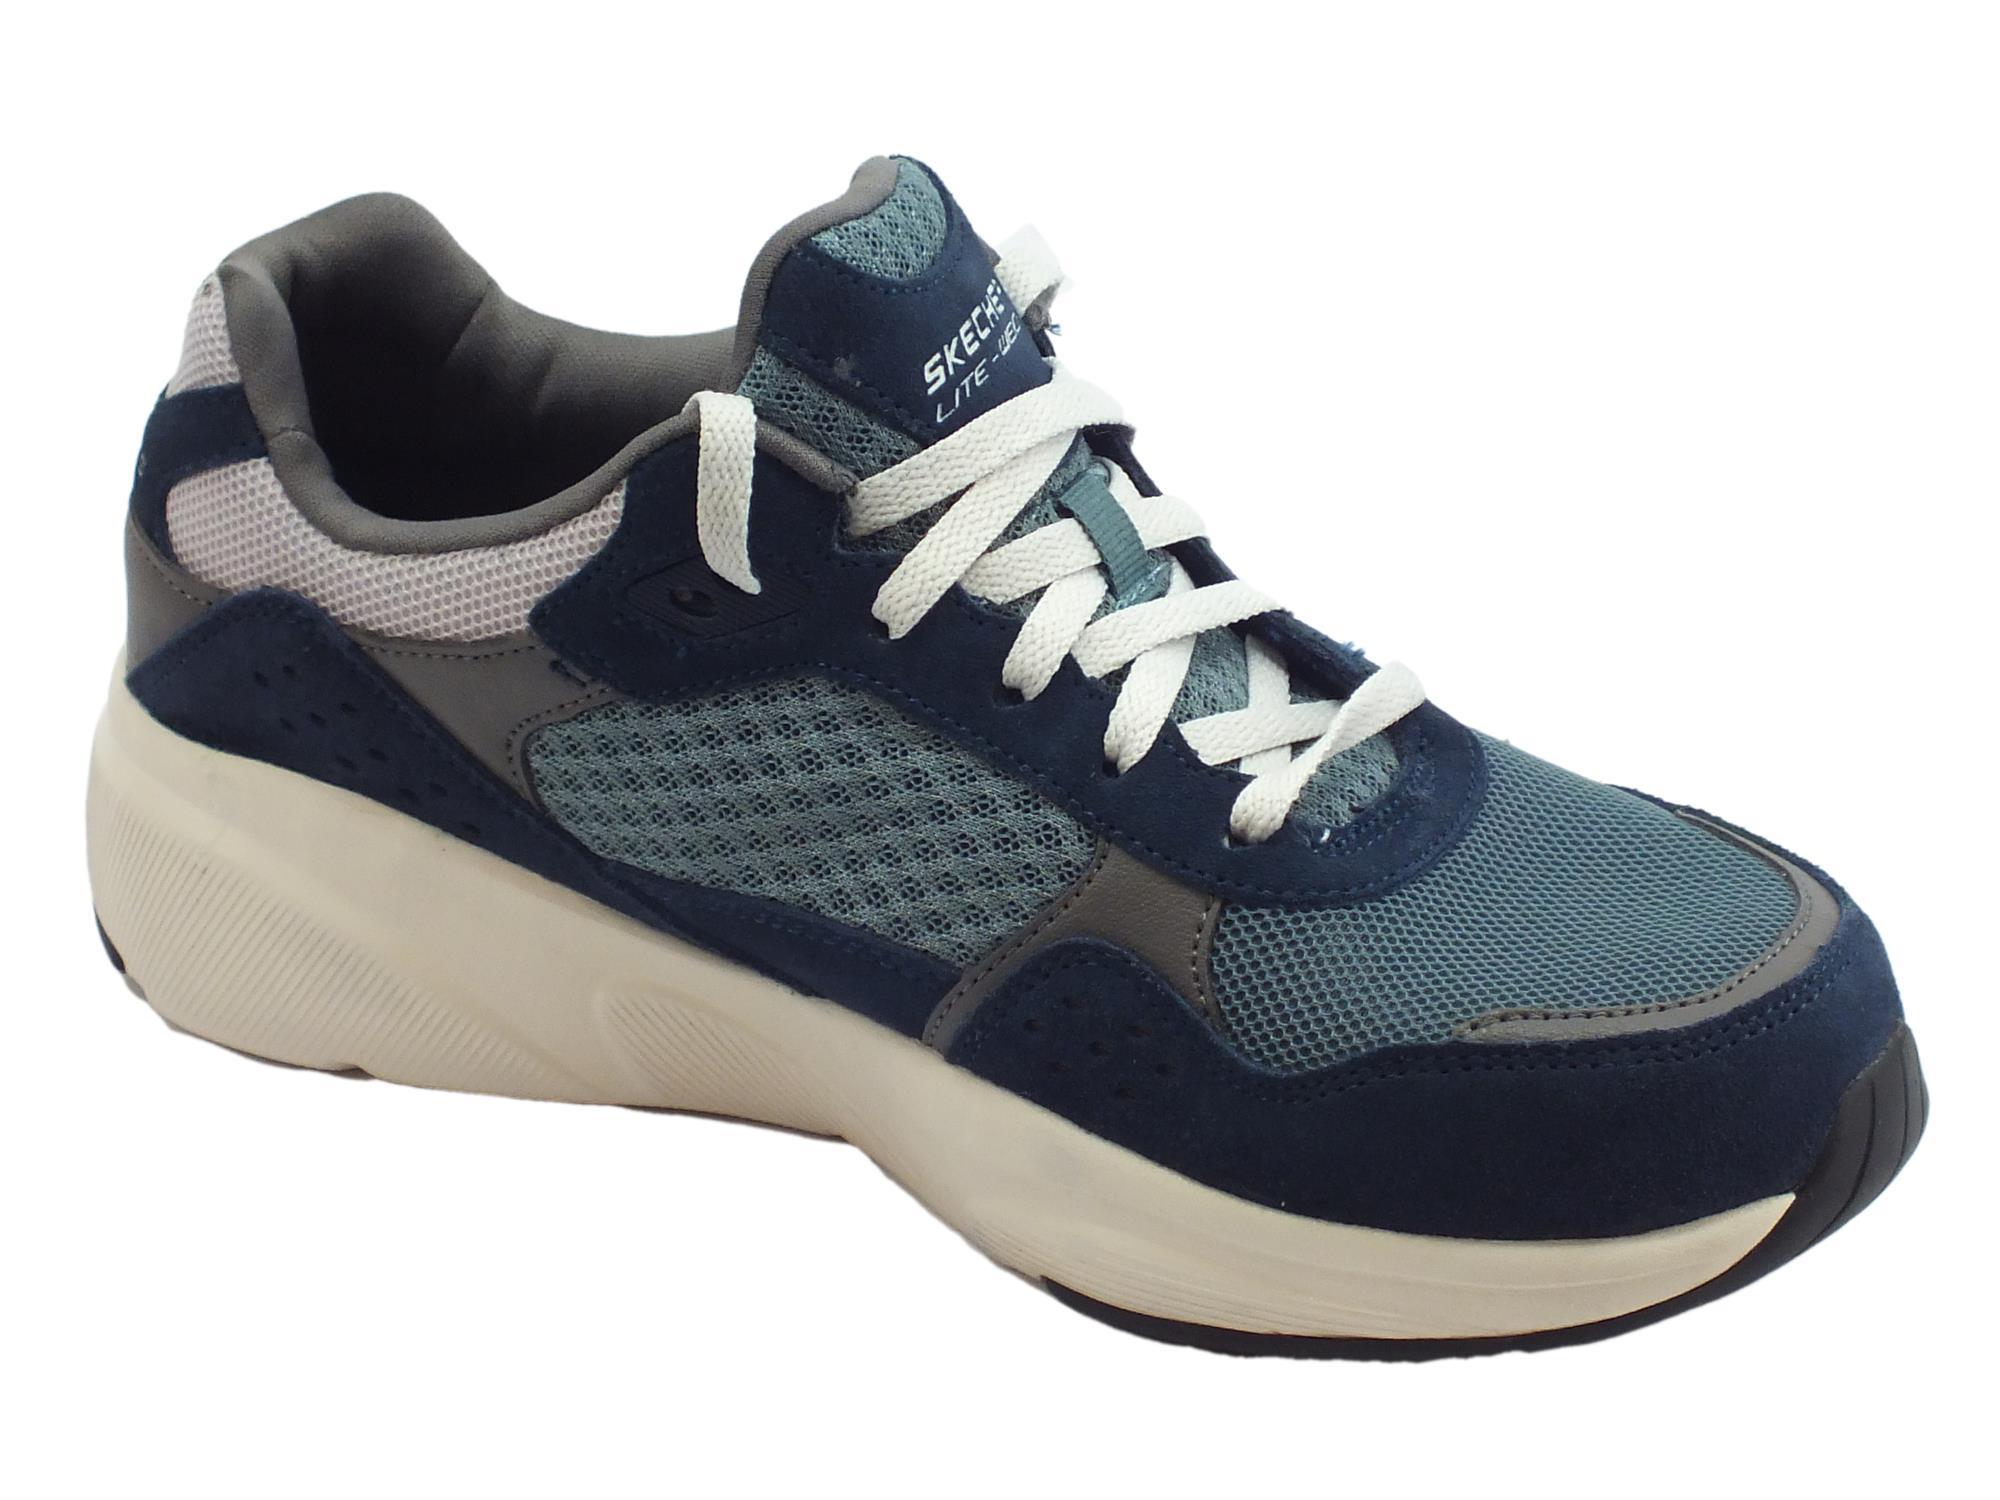 ... Skechers Meridian OstWall scarpe sportive uomo in pelle e tessuto blu  ... af74c55e5cb